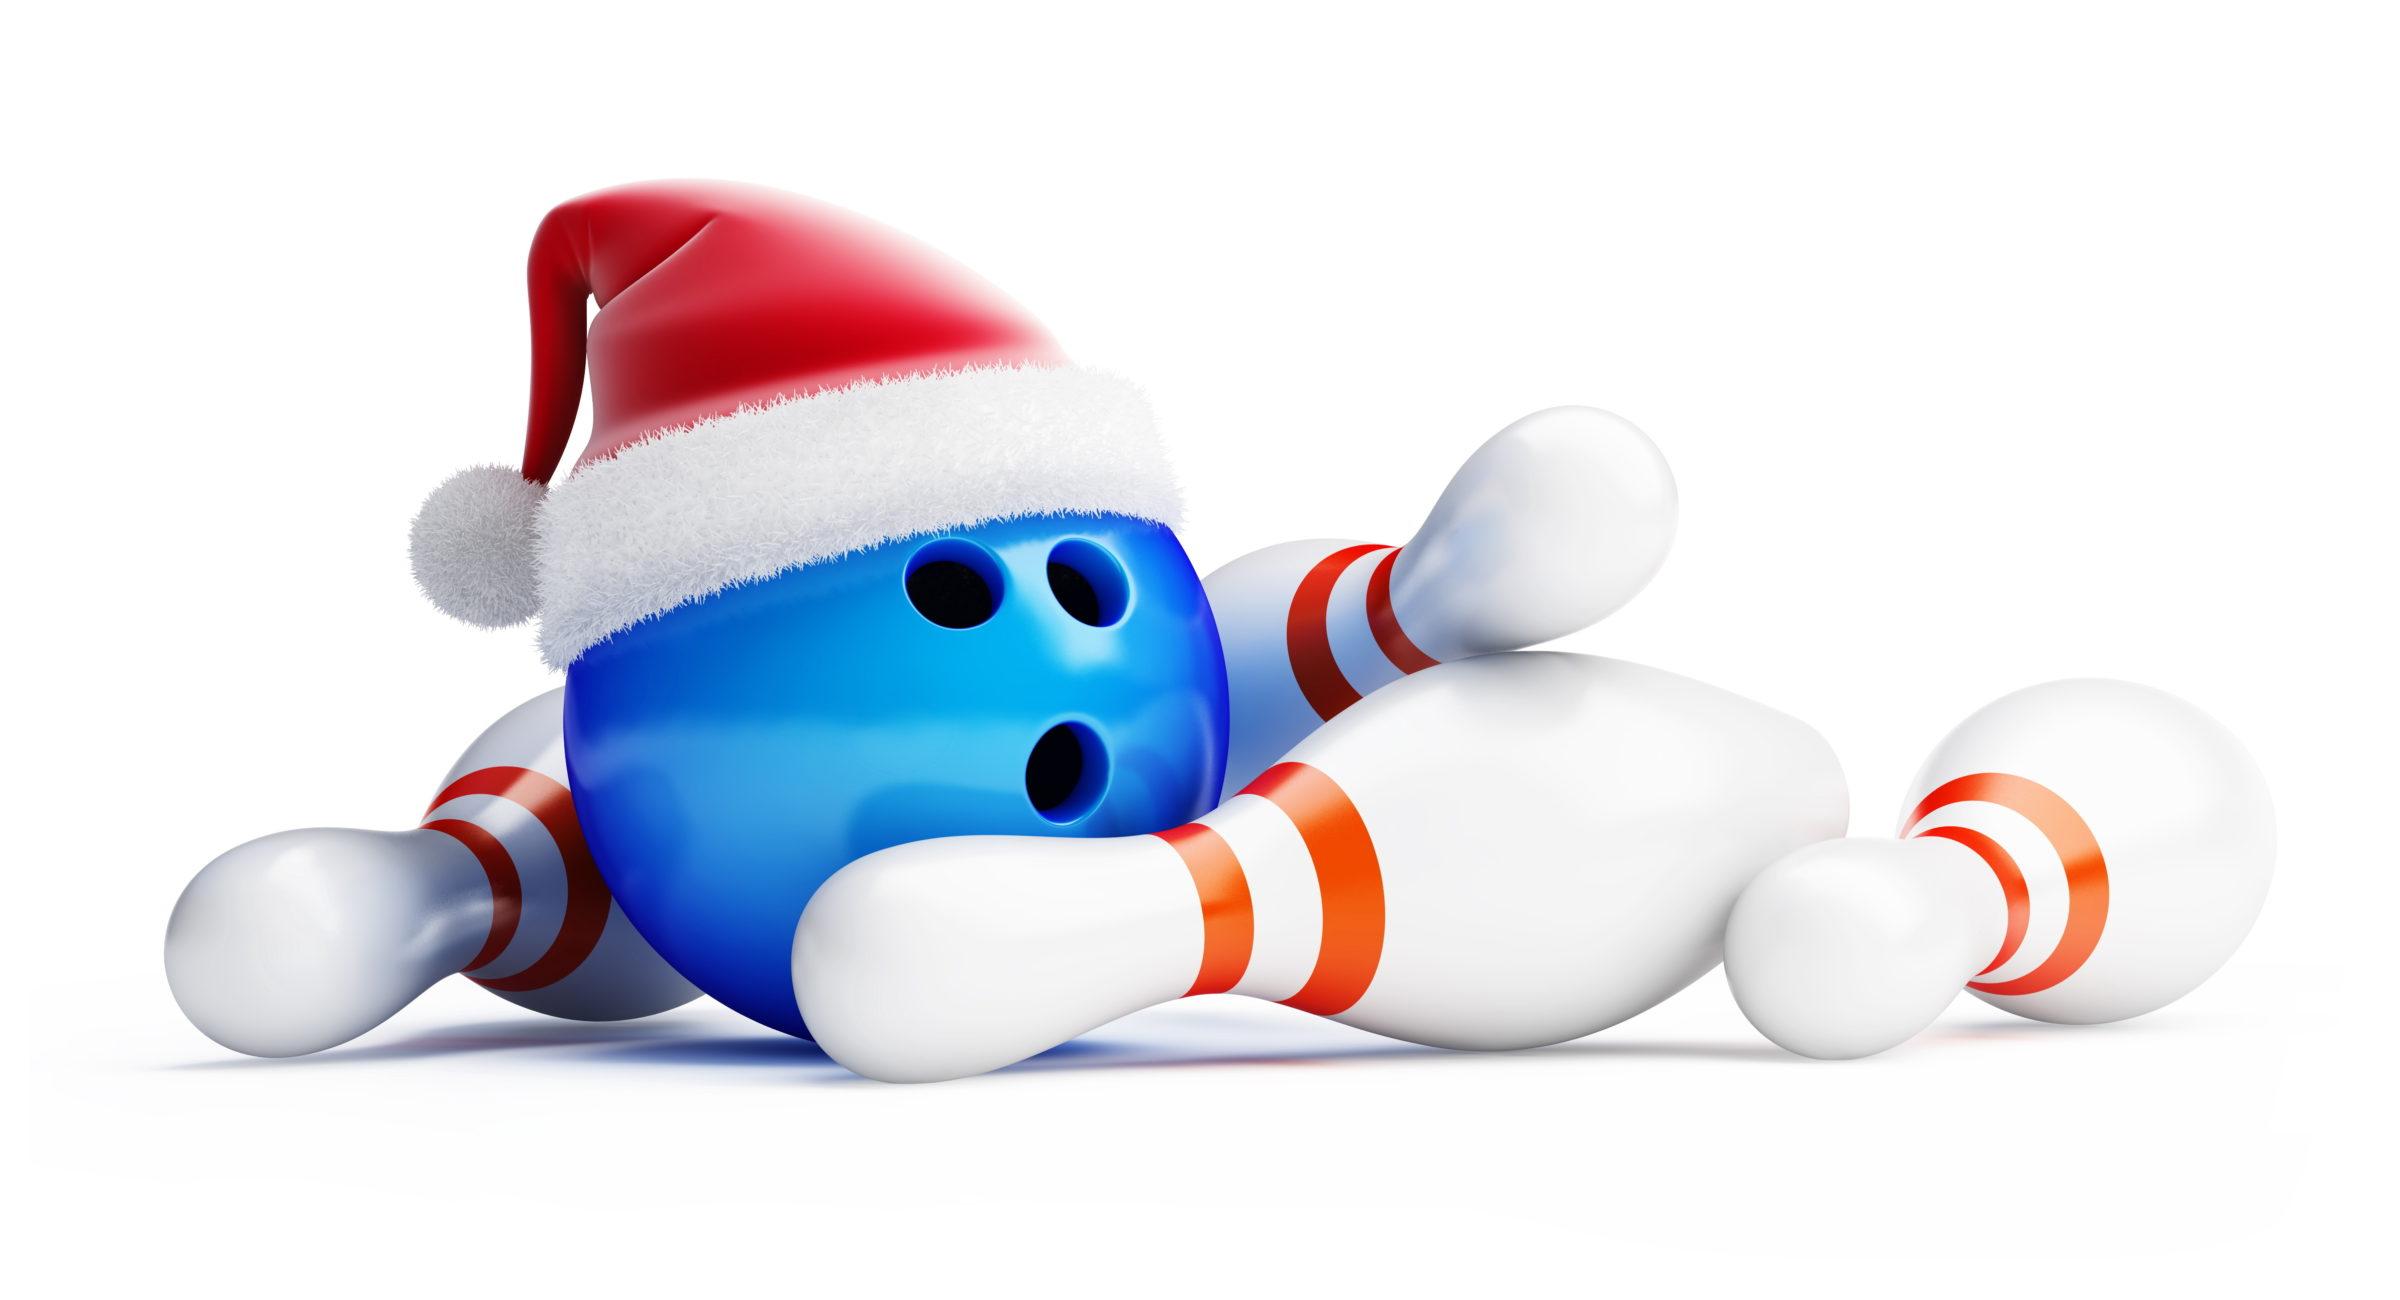 Bowling pins and bowling ball wearing a santa hat